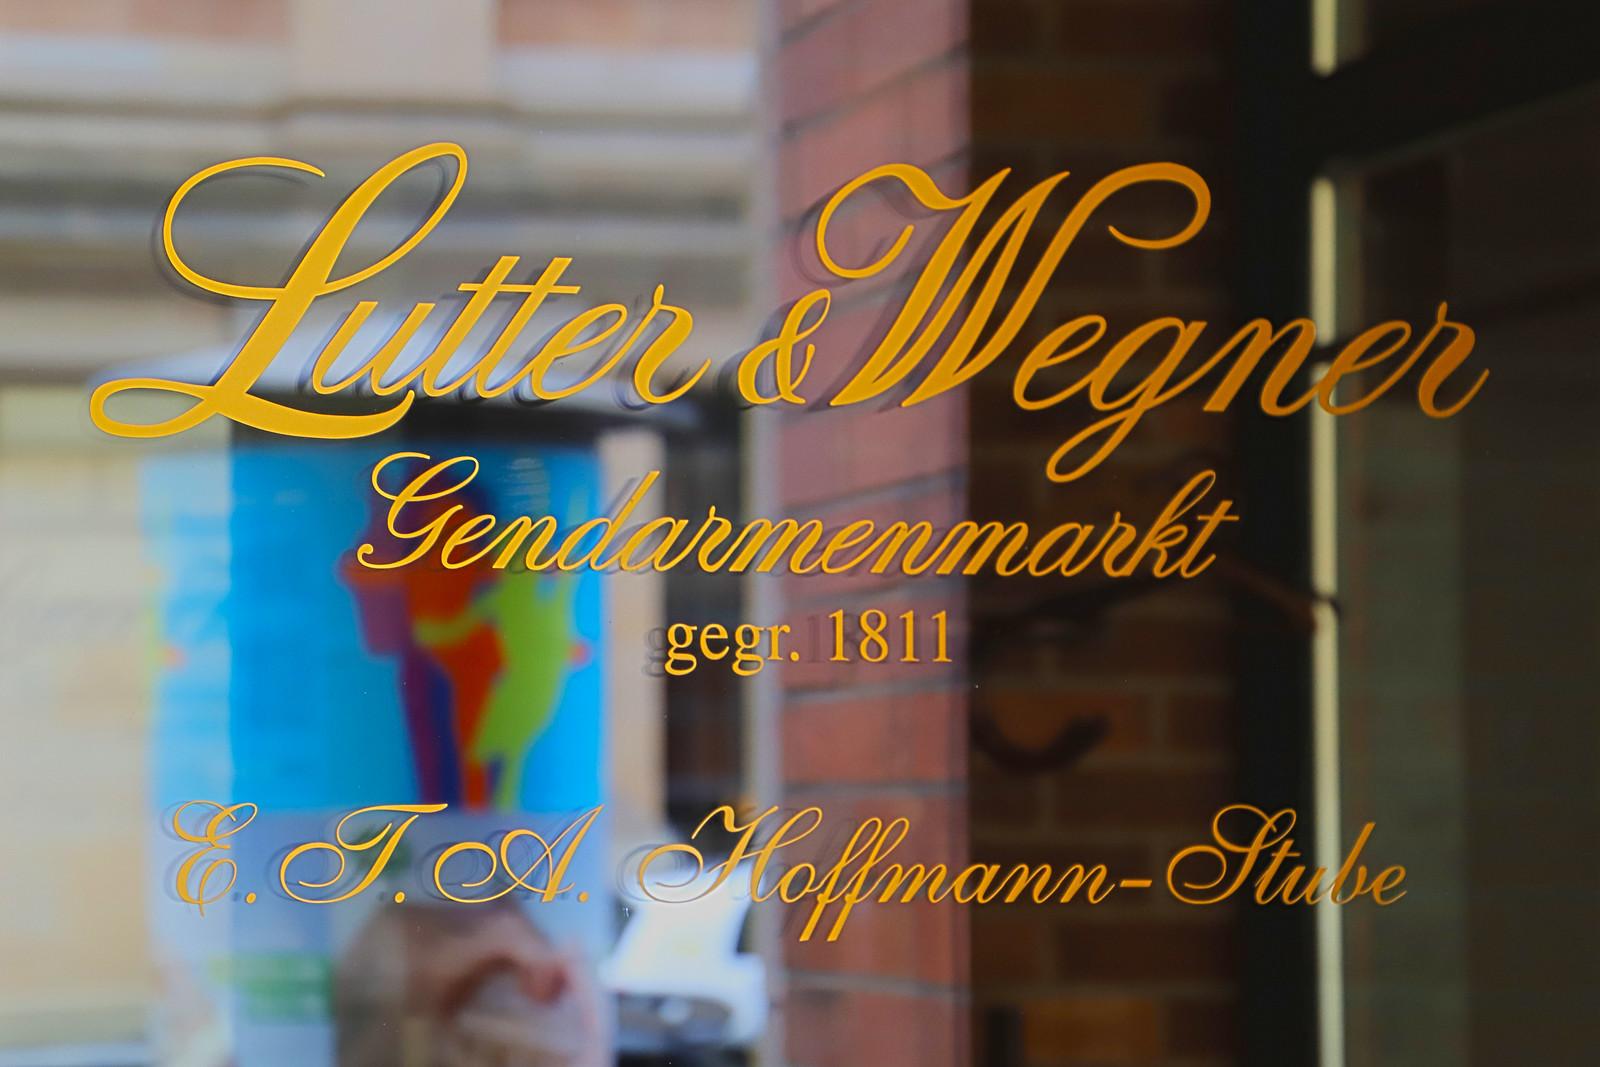 Lutter & Wegner Berlin